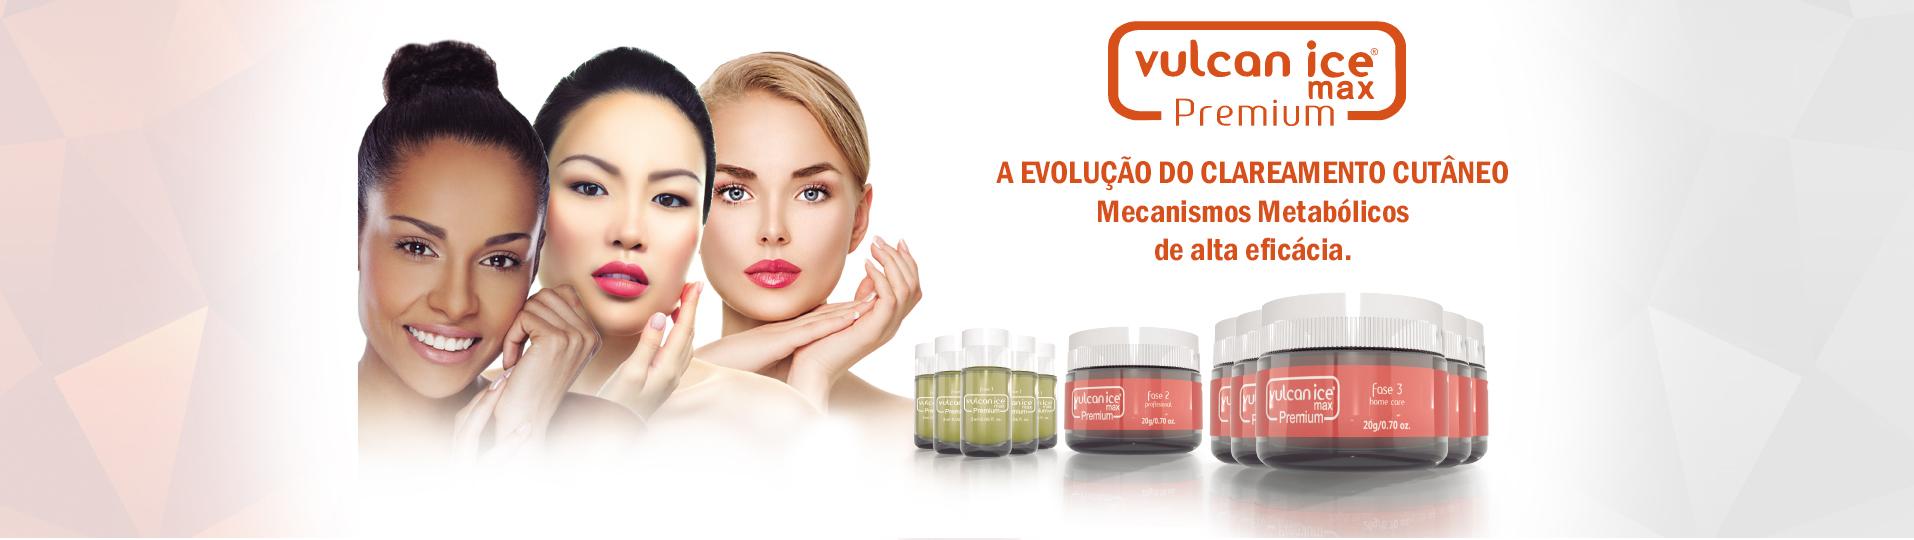 produto-cosmodeauty-vulcan-ice-max-premium